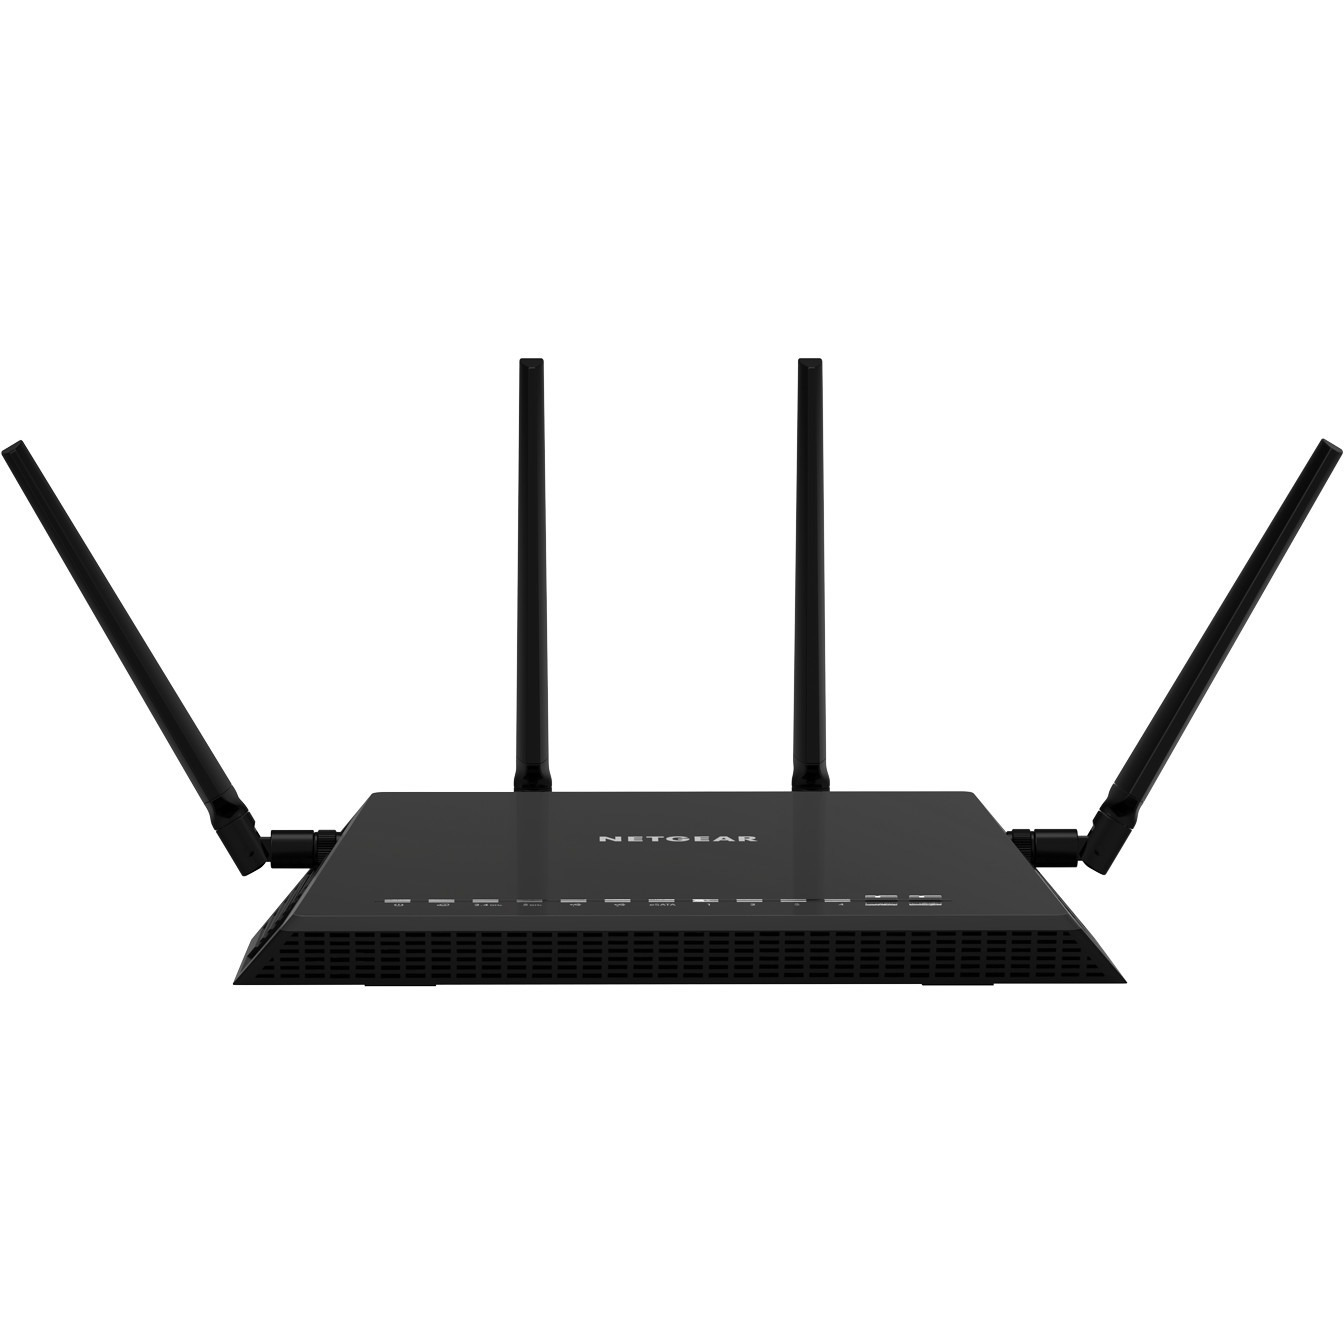 Netgear Nighthawk X4S R7800 IEEE 802.11ac Ethernet Wireless Router